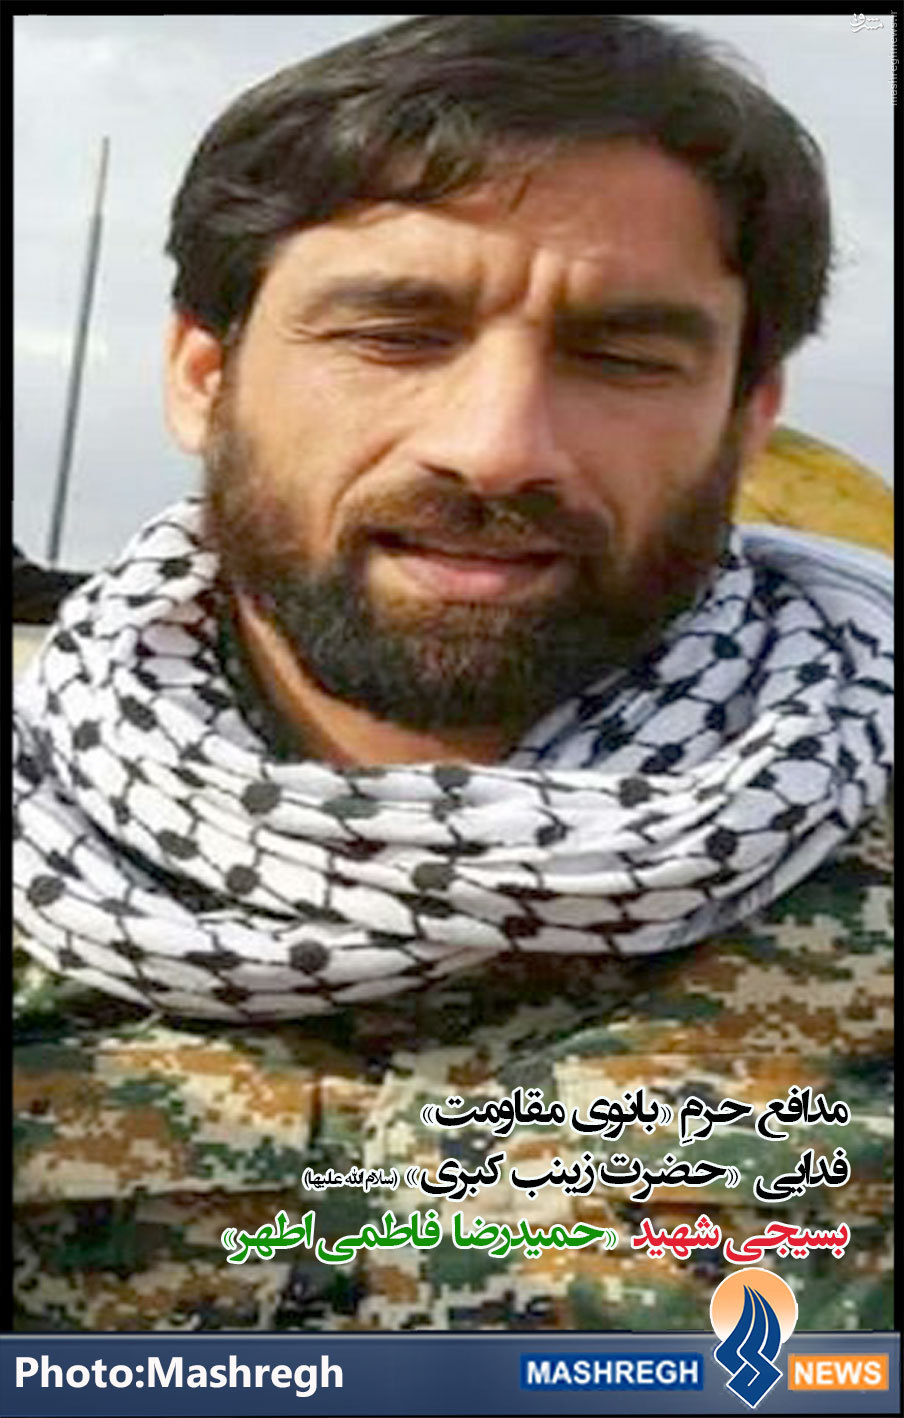 تعداد شهدای ایرانی «عملیات محرم» به 34 نفر رسید+عکس